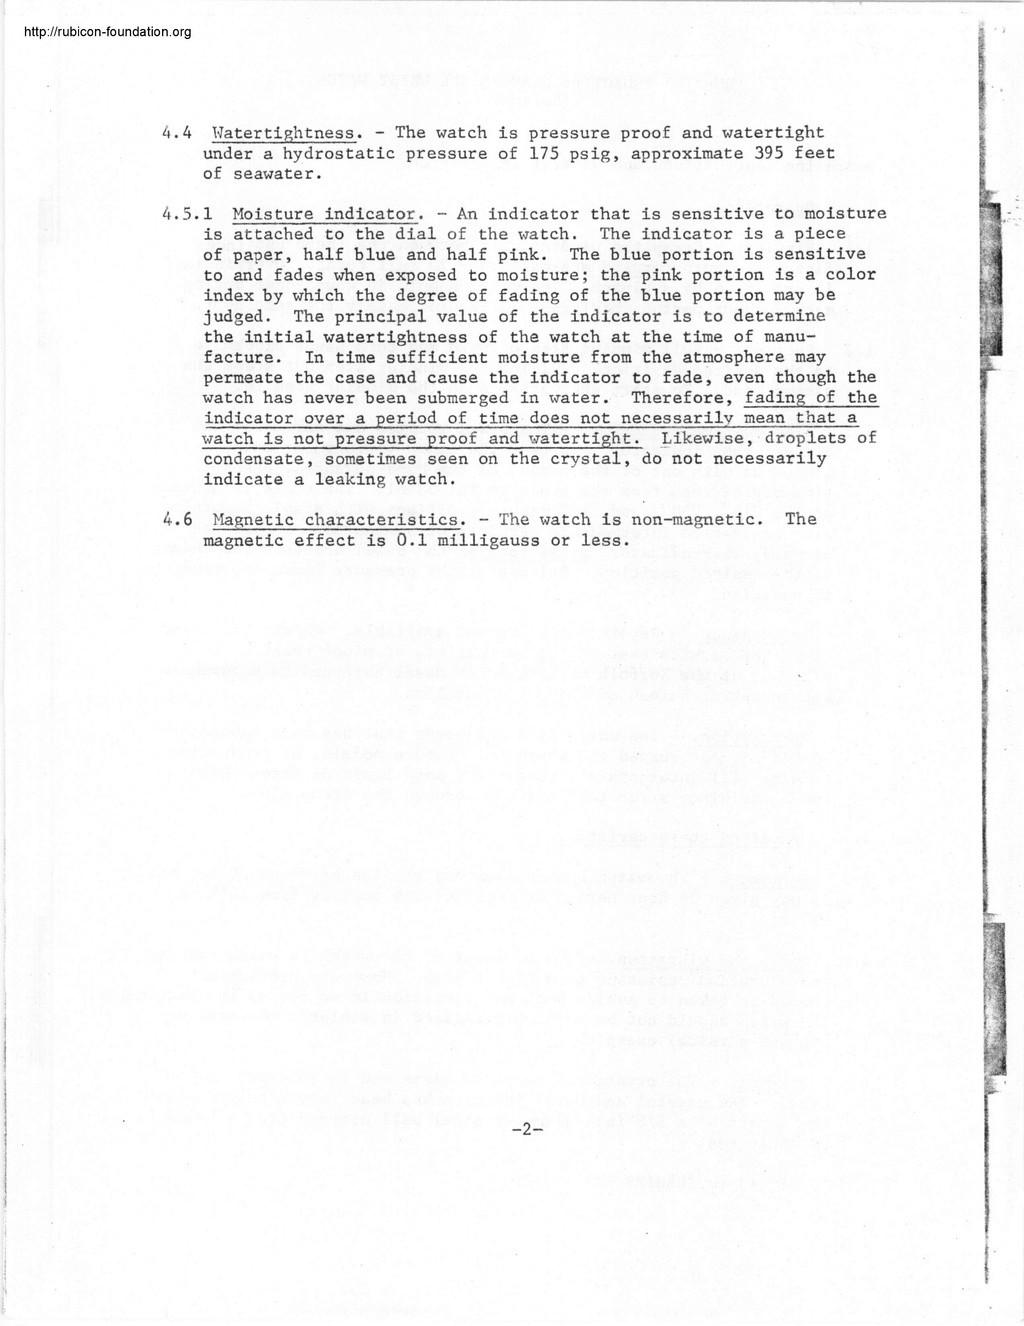 Enicar - Tests US Navy : Enicar, Rolex, Blancpain, Zodiac 001215